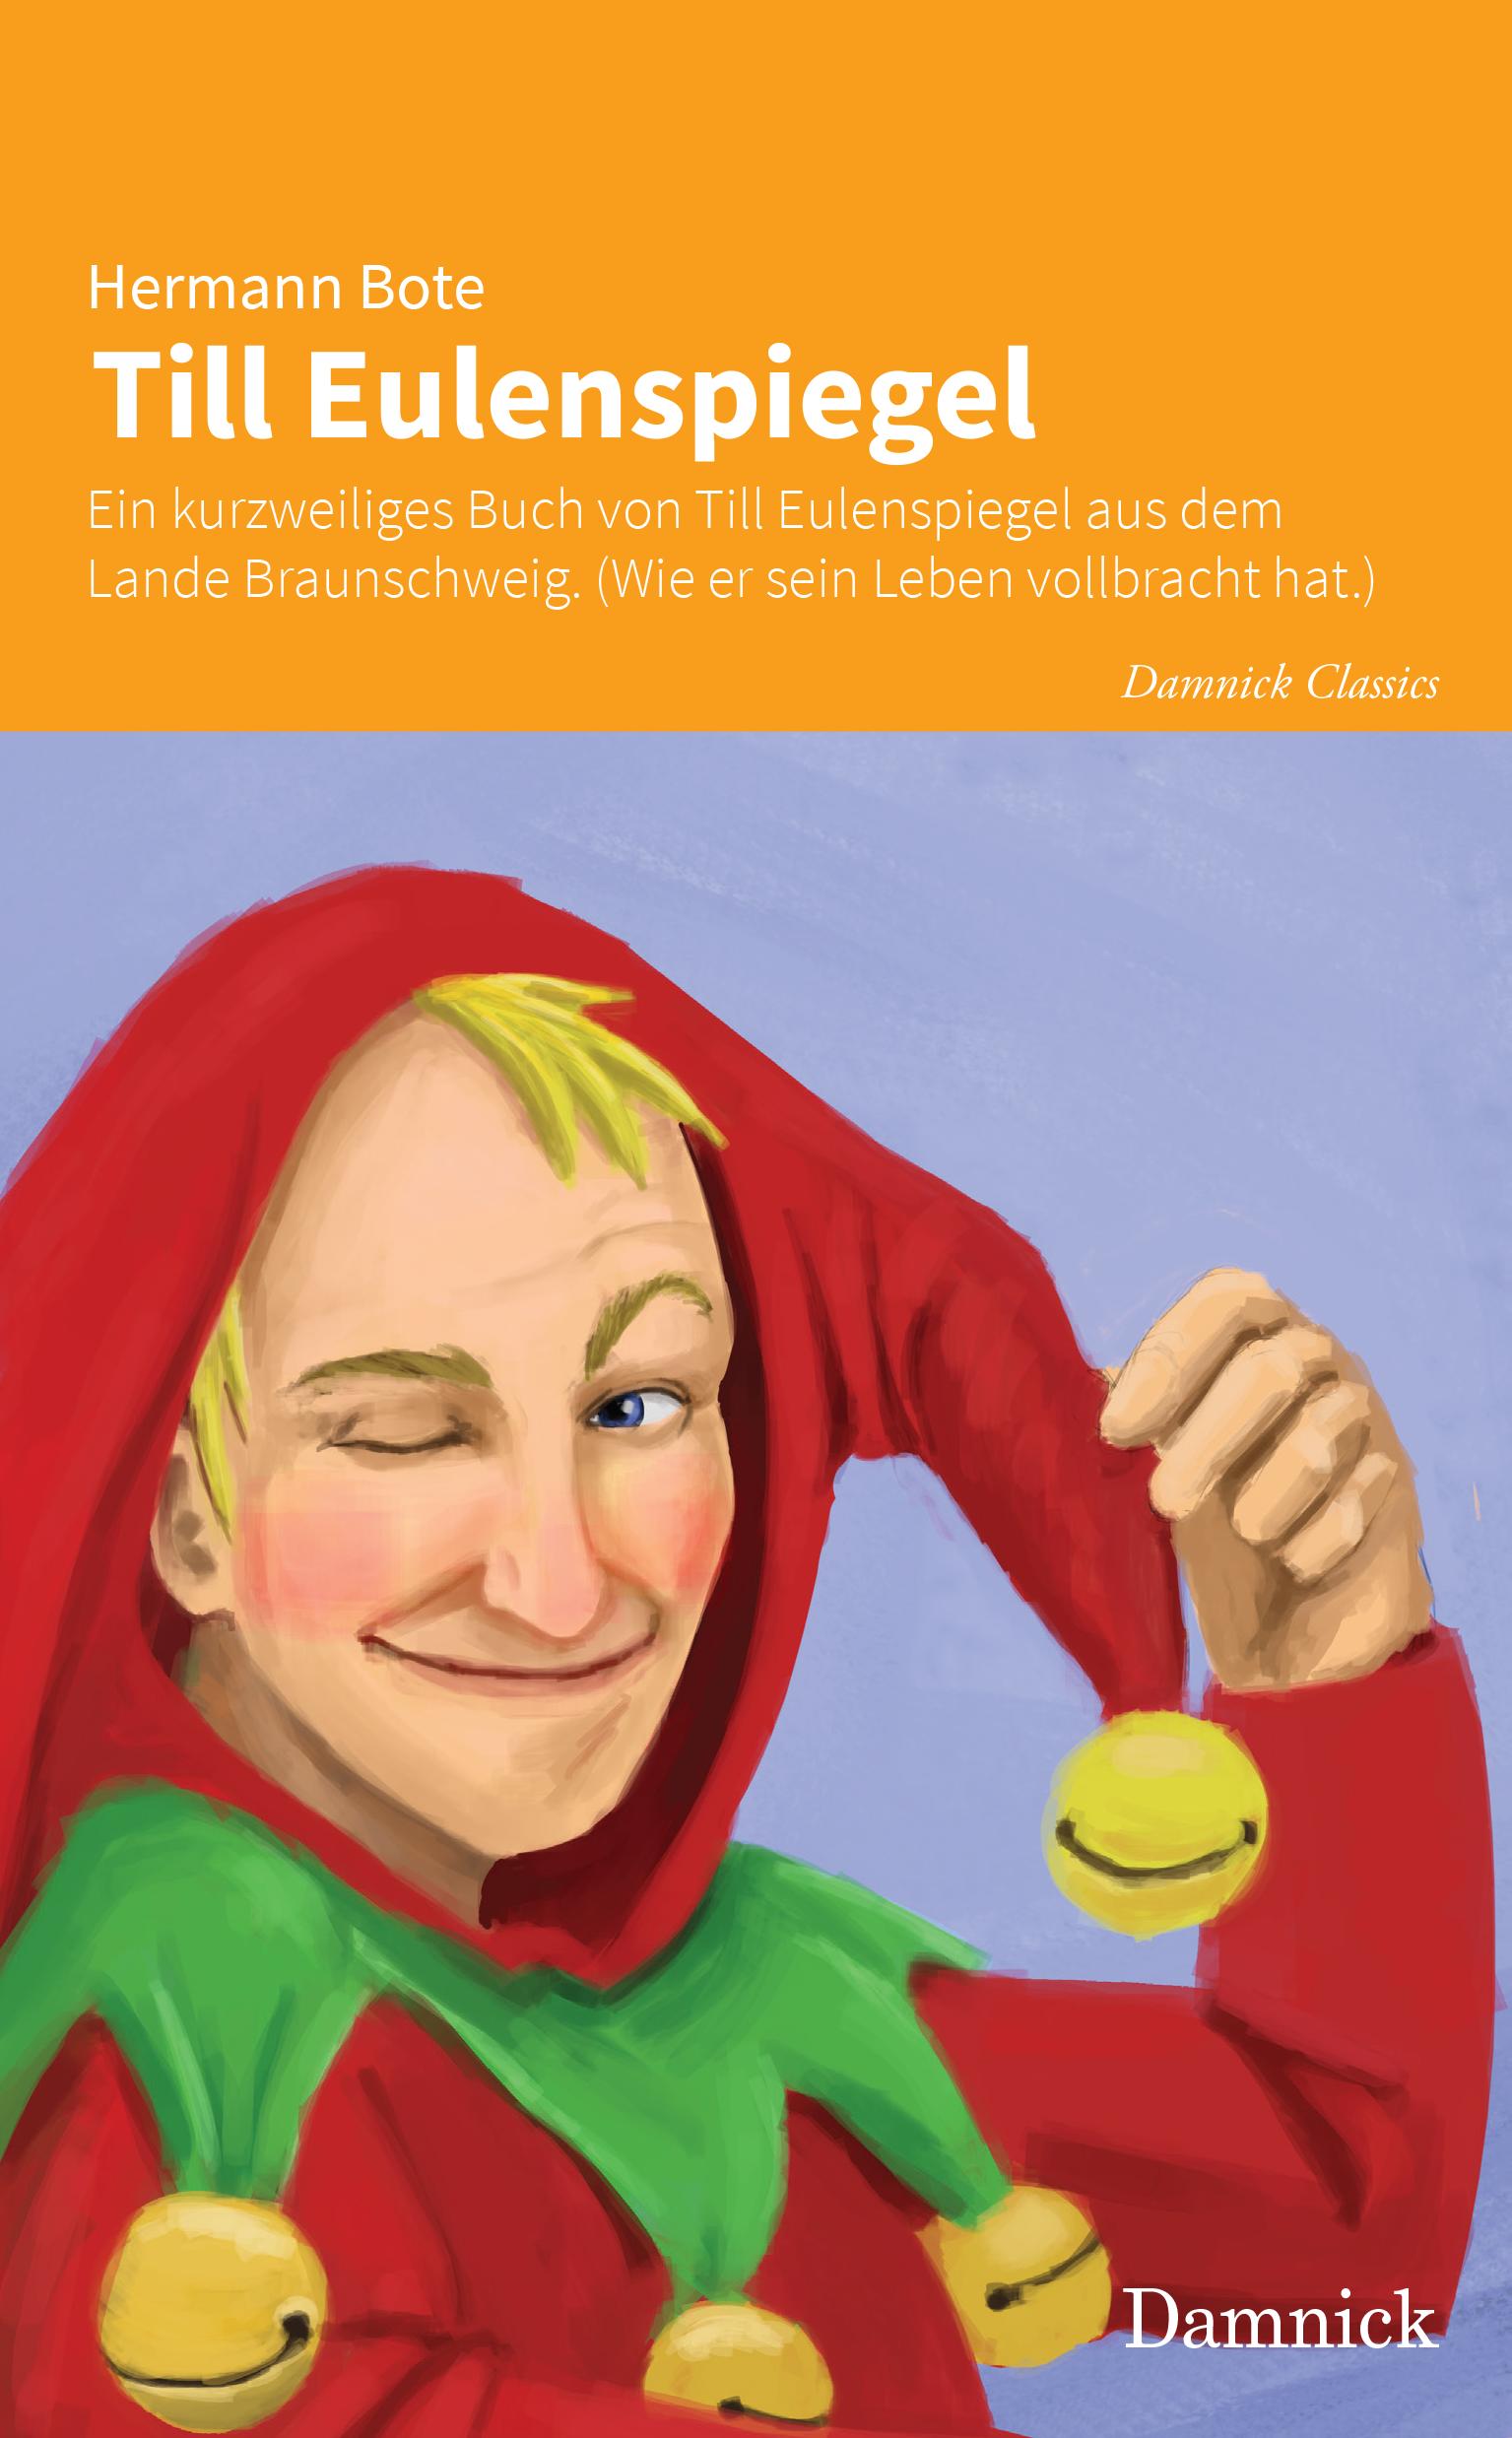 Till Eulenspiegel: Ein kurzweiliges Buch von Till Eulenspiegel aus dem Lande Braunschweig. (Wie er sein Leben vollbracht hat.)